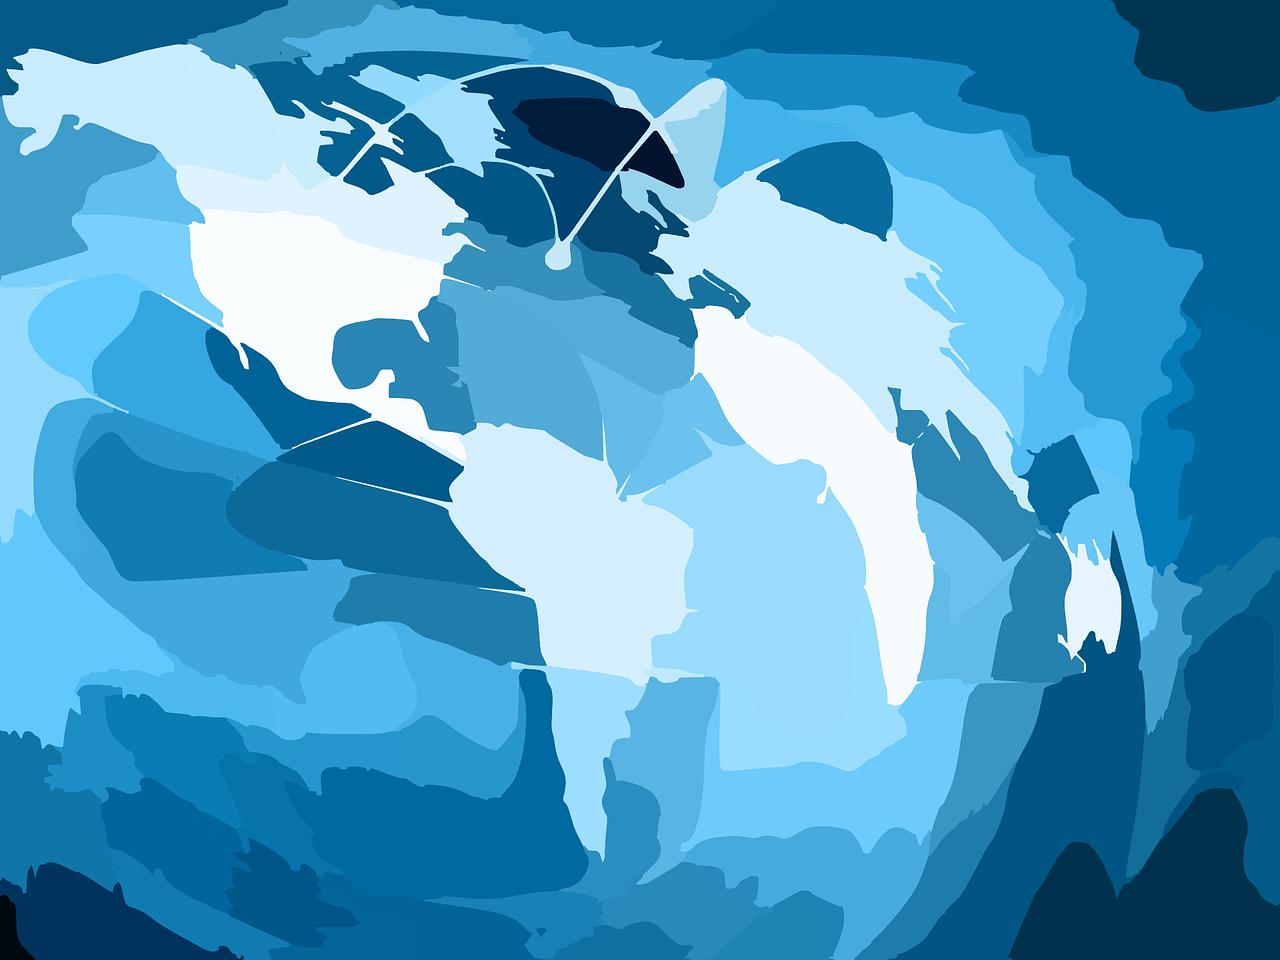 Rozlicz się z polskim urzędem skarbowym za pracę za granicą